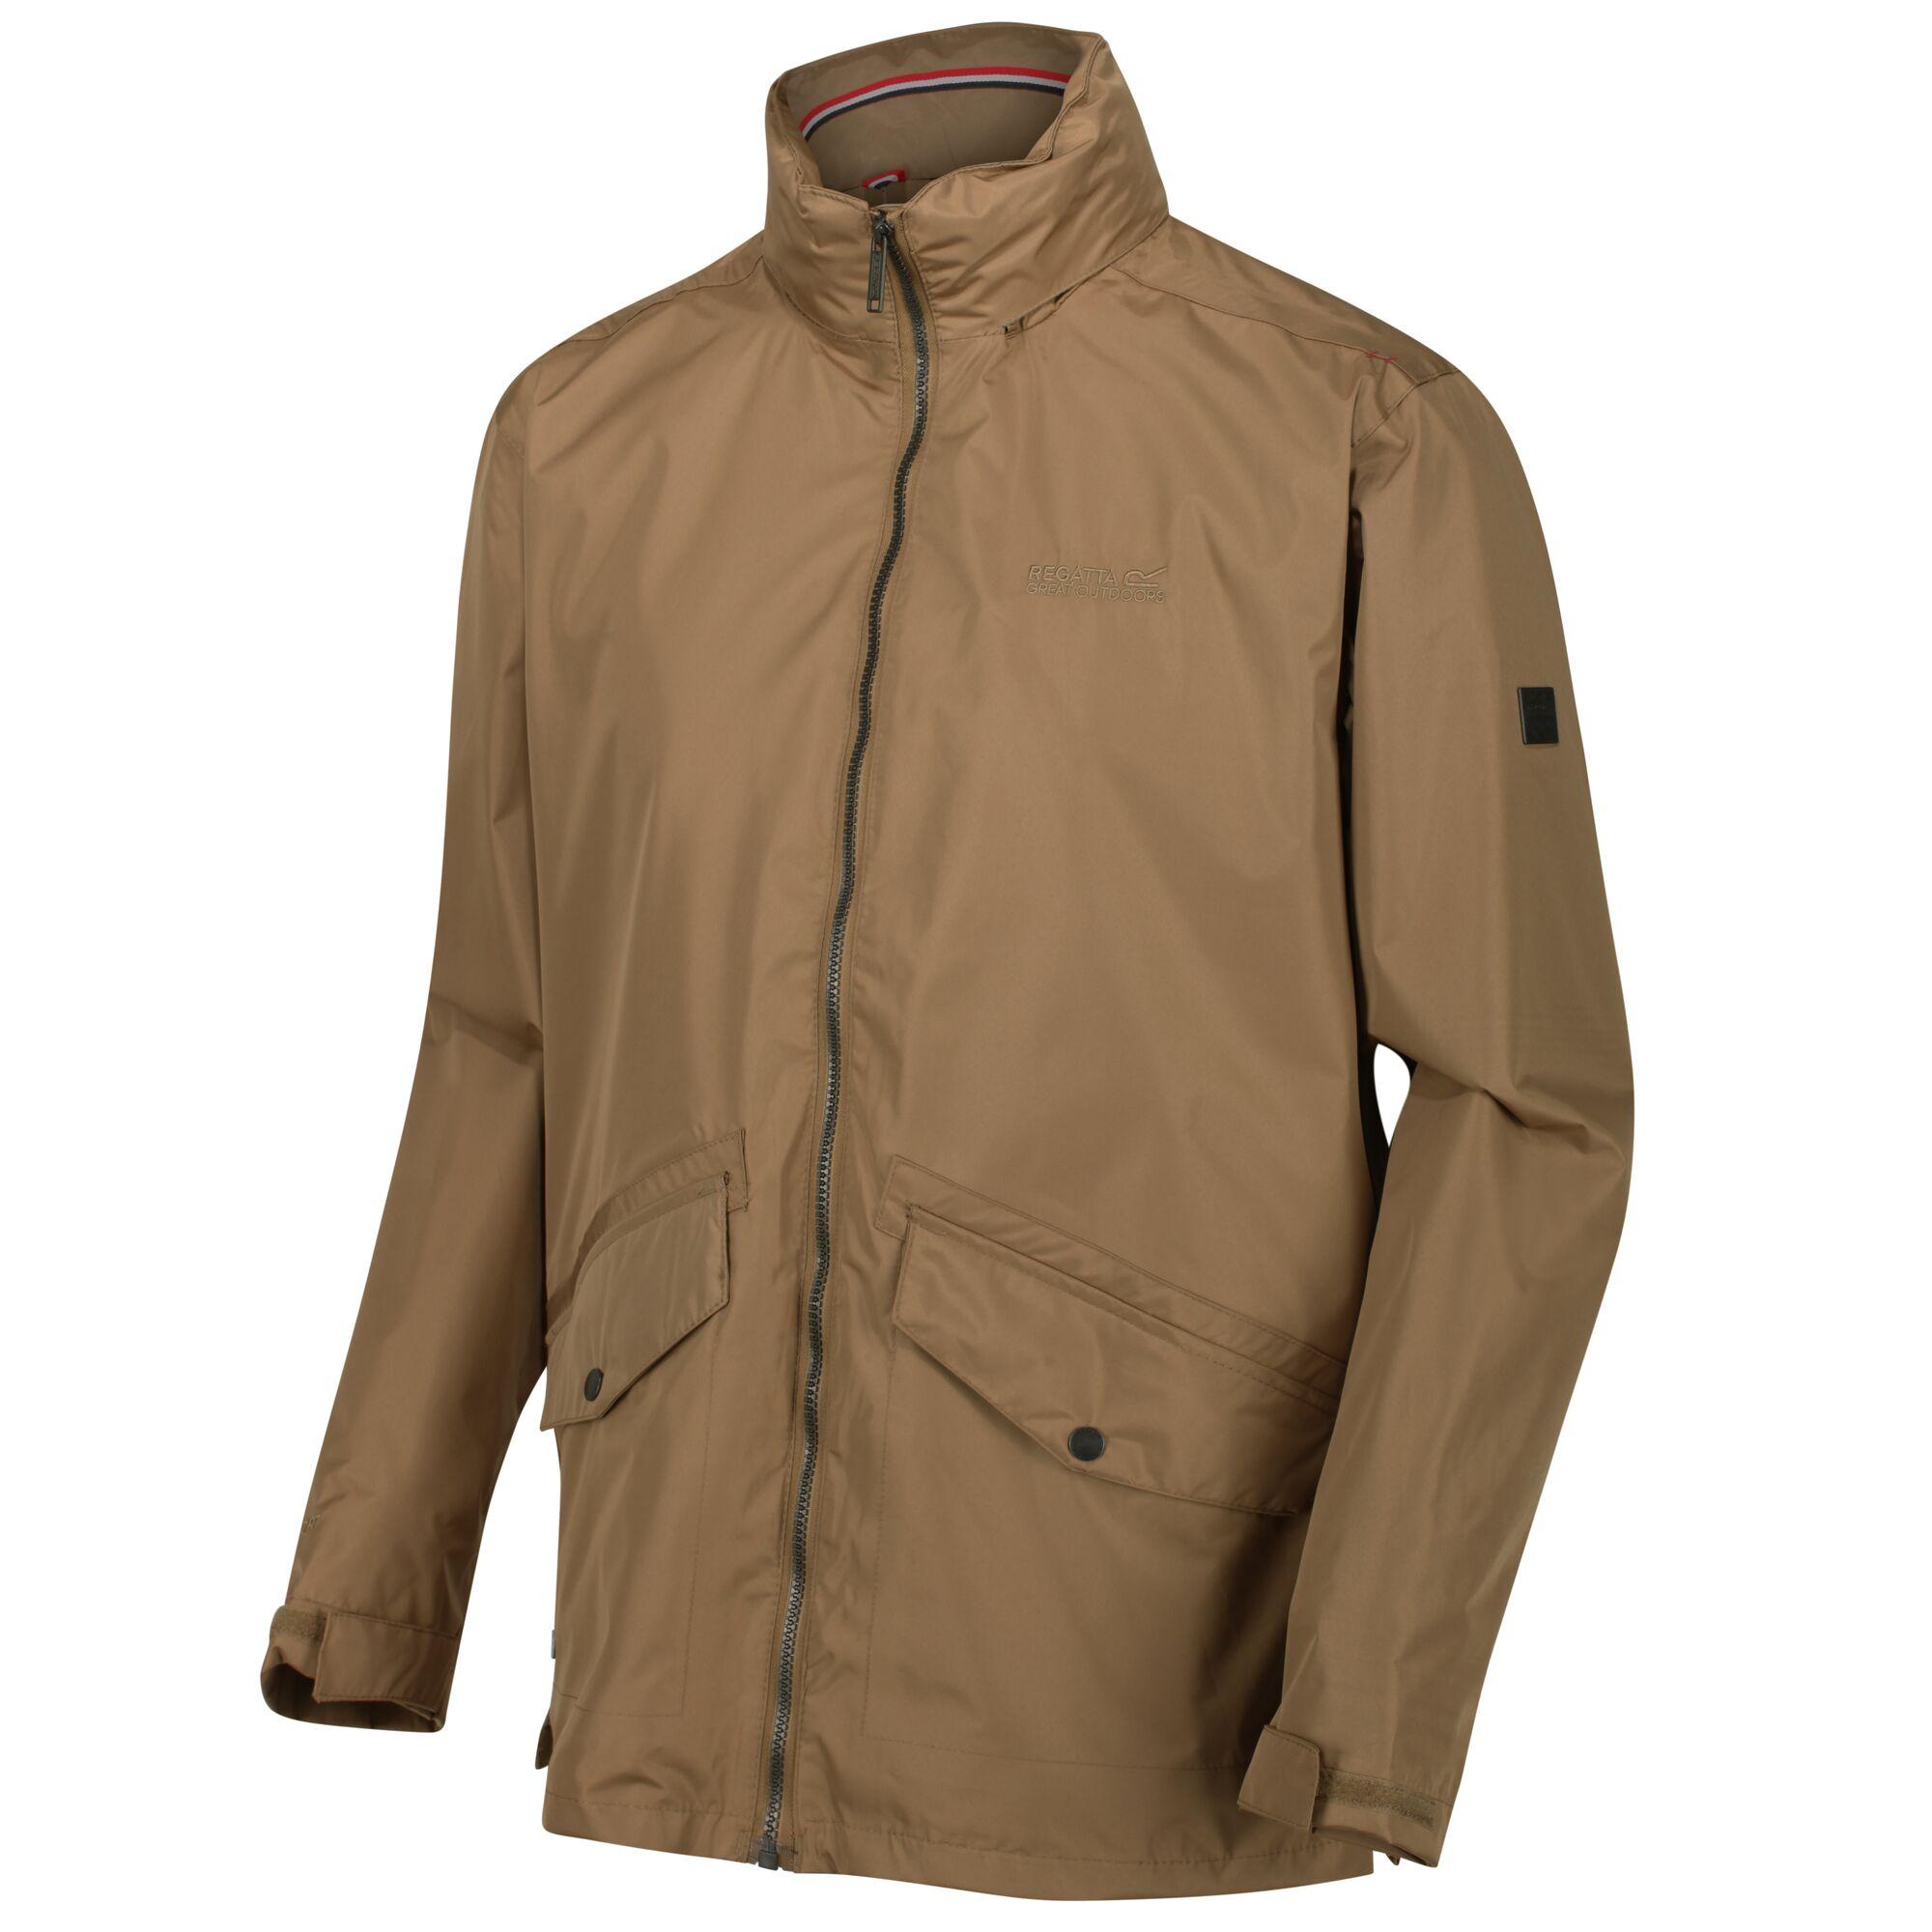 Regatta Men/'s Hartigan Lightweight Waterproof Jacket with Concealed Hood Brown